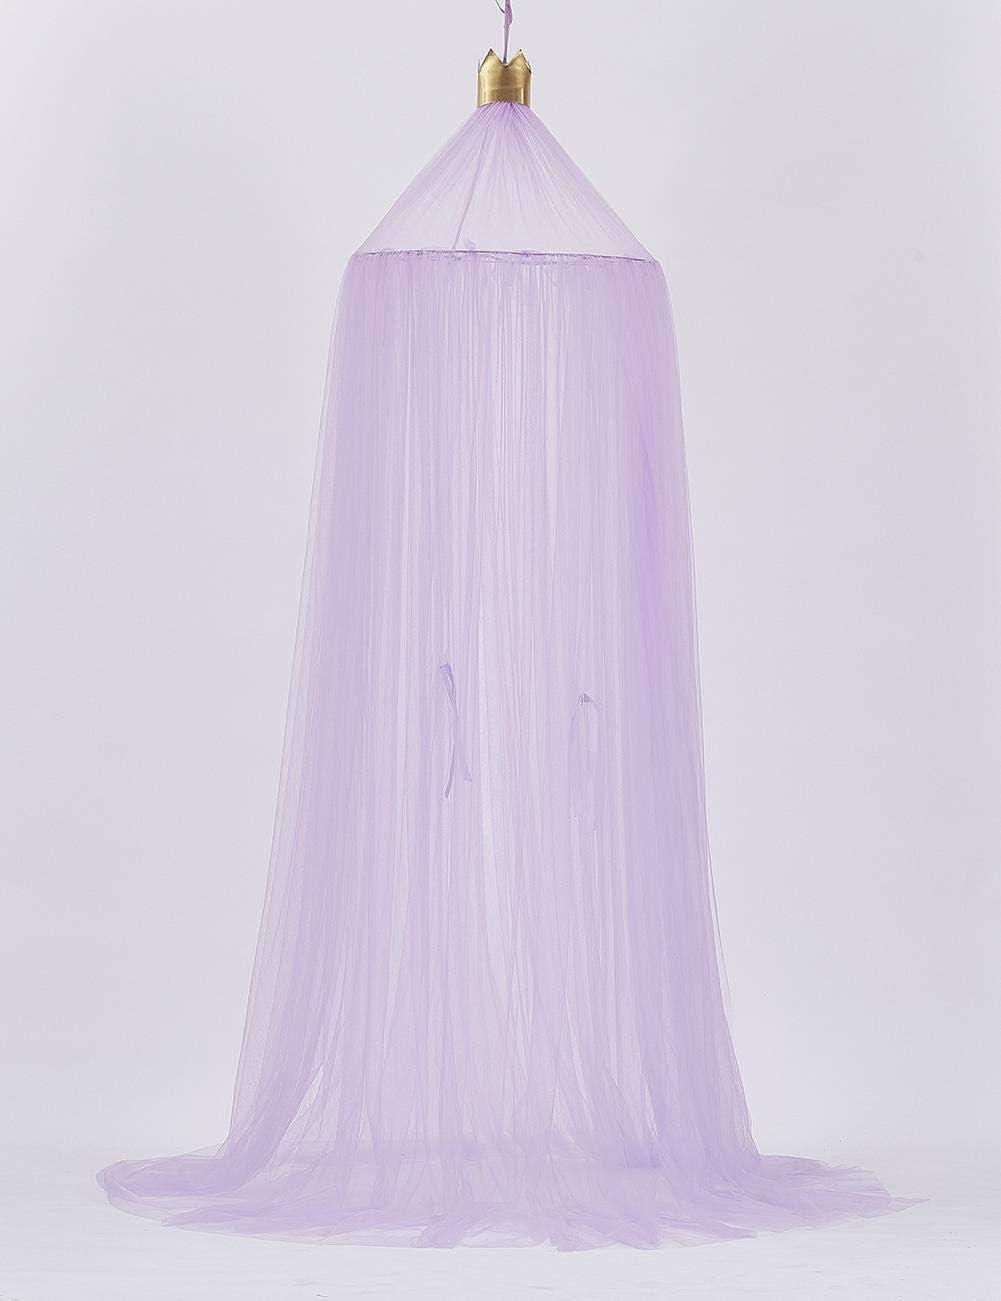 Kuppel Blau Betthimmel f/ür M/ädchenzimmer Prinzessinnentraum 240 * 60cm Ynnxia Moskitonetz